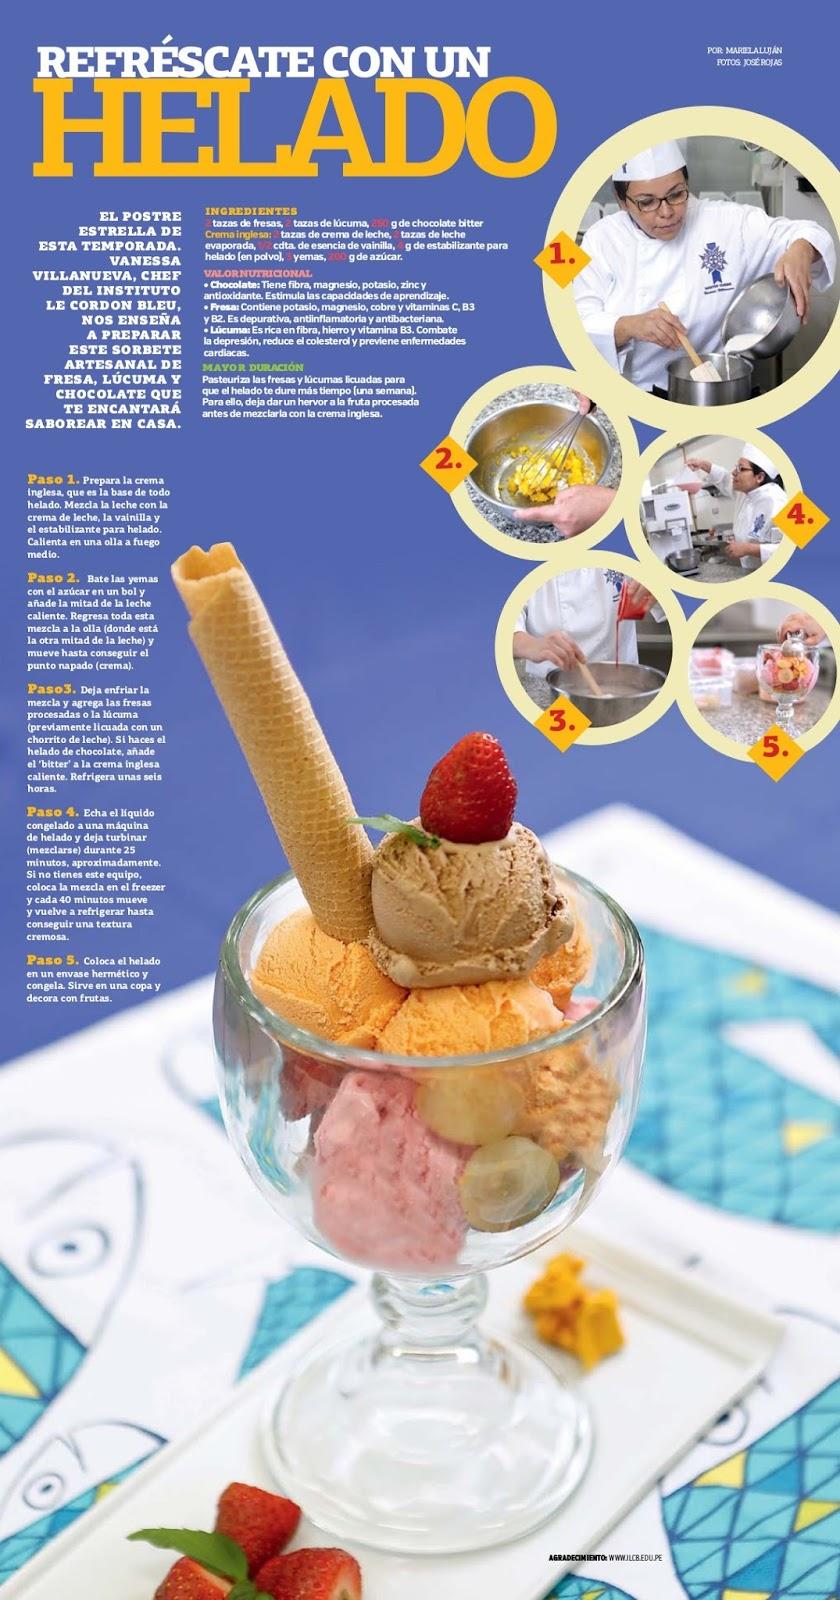 como hacer helado de chocolate casero con maquina